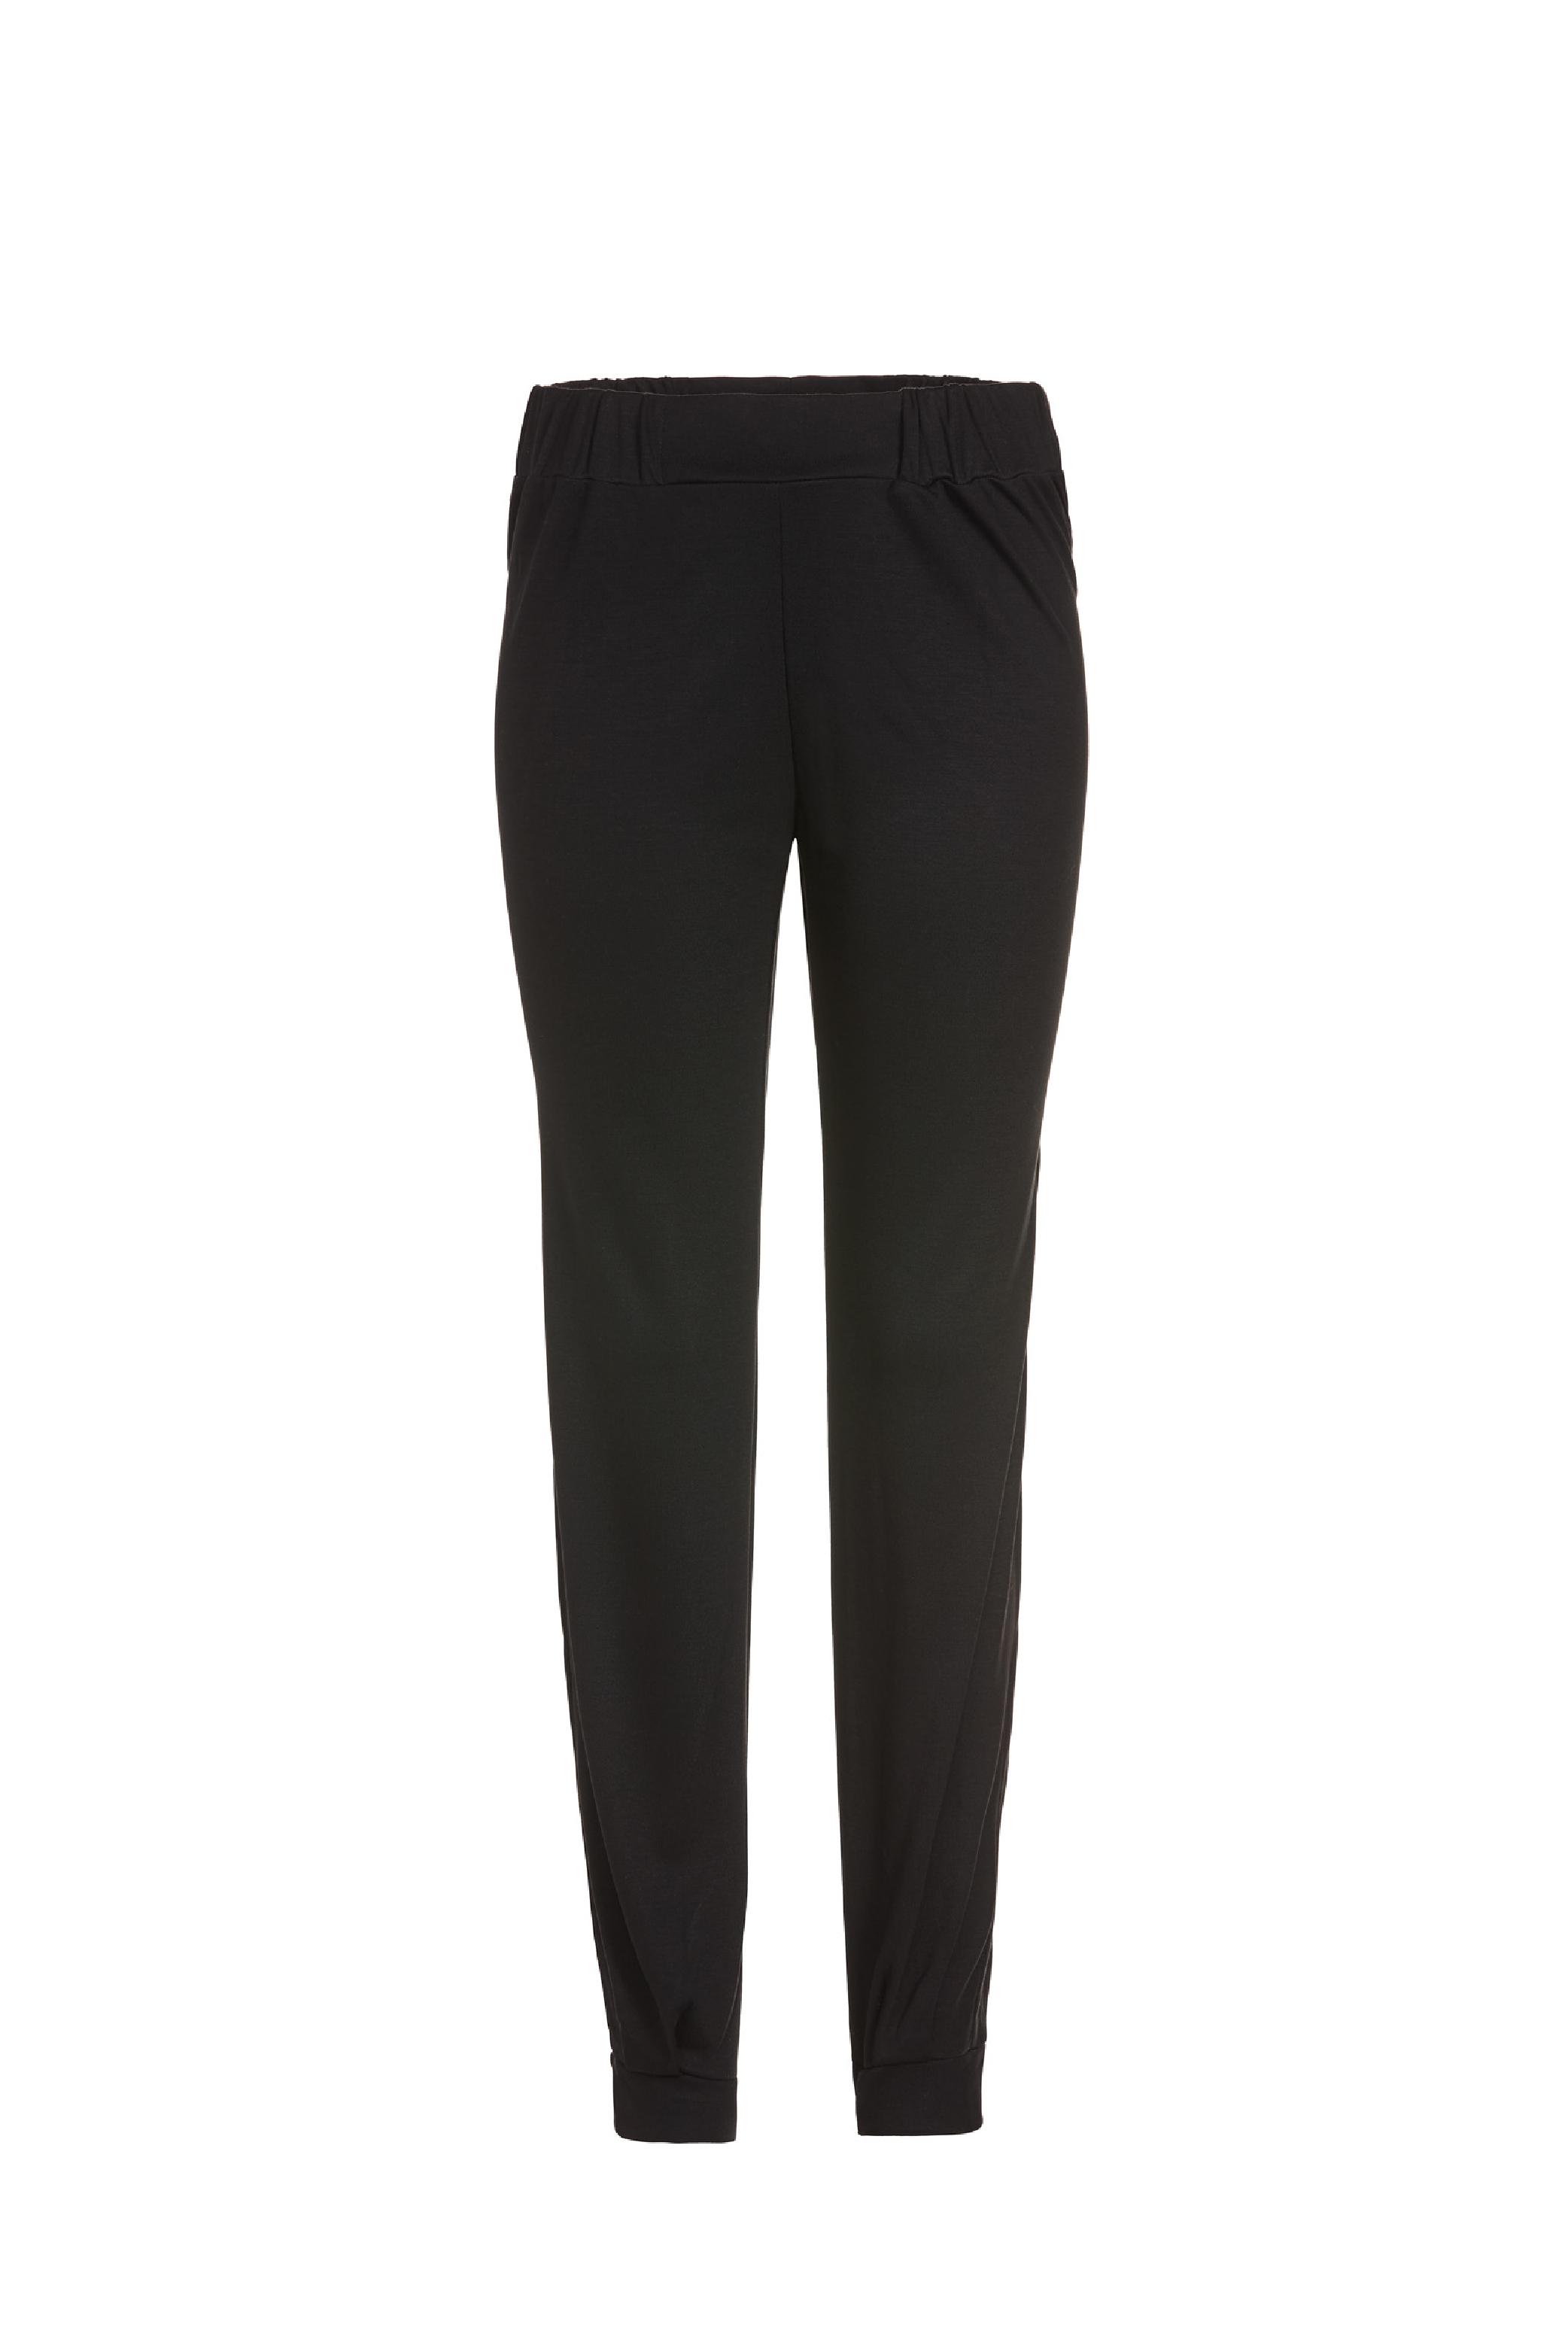 justineleconte-black-pants